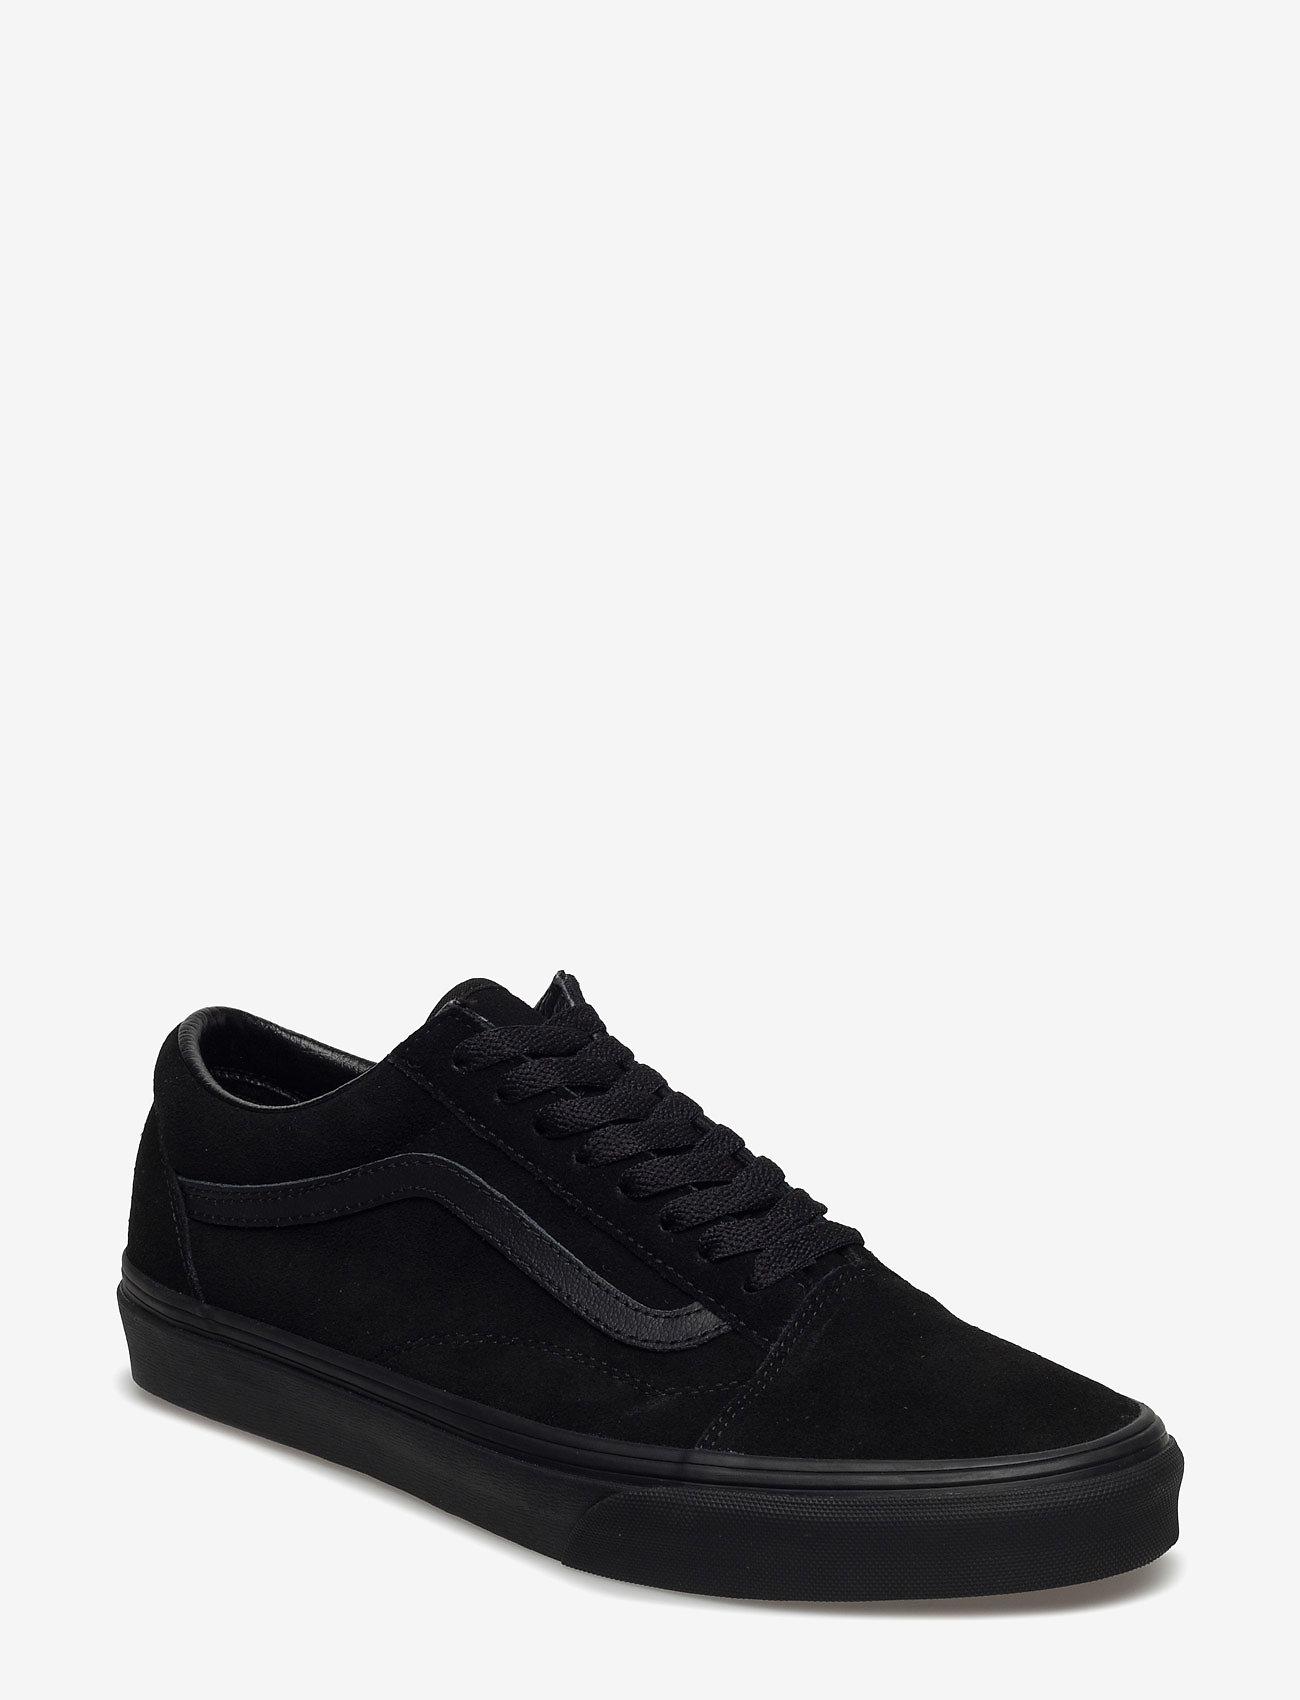 buy \u003e vans old skool suede black black